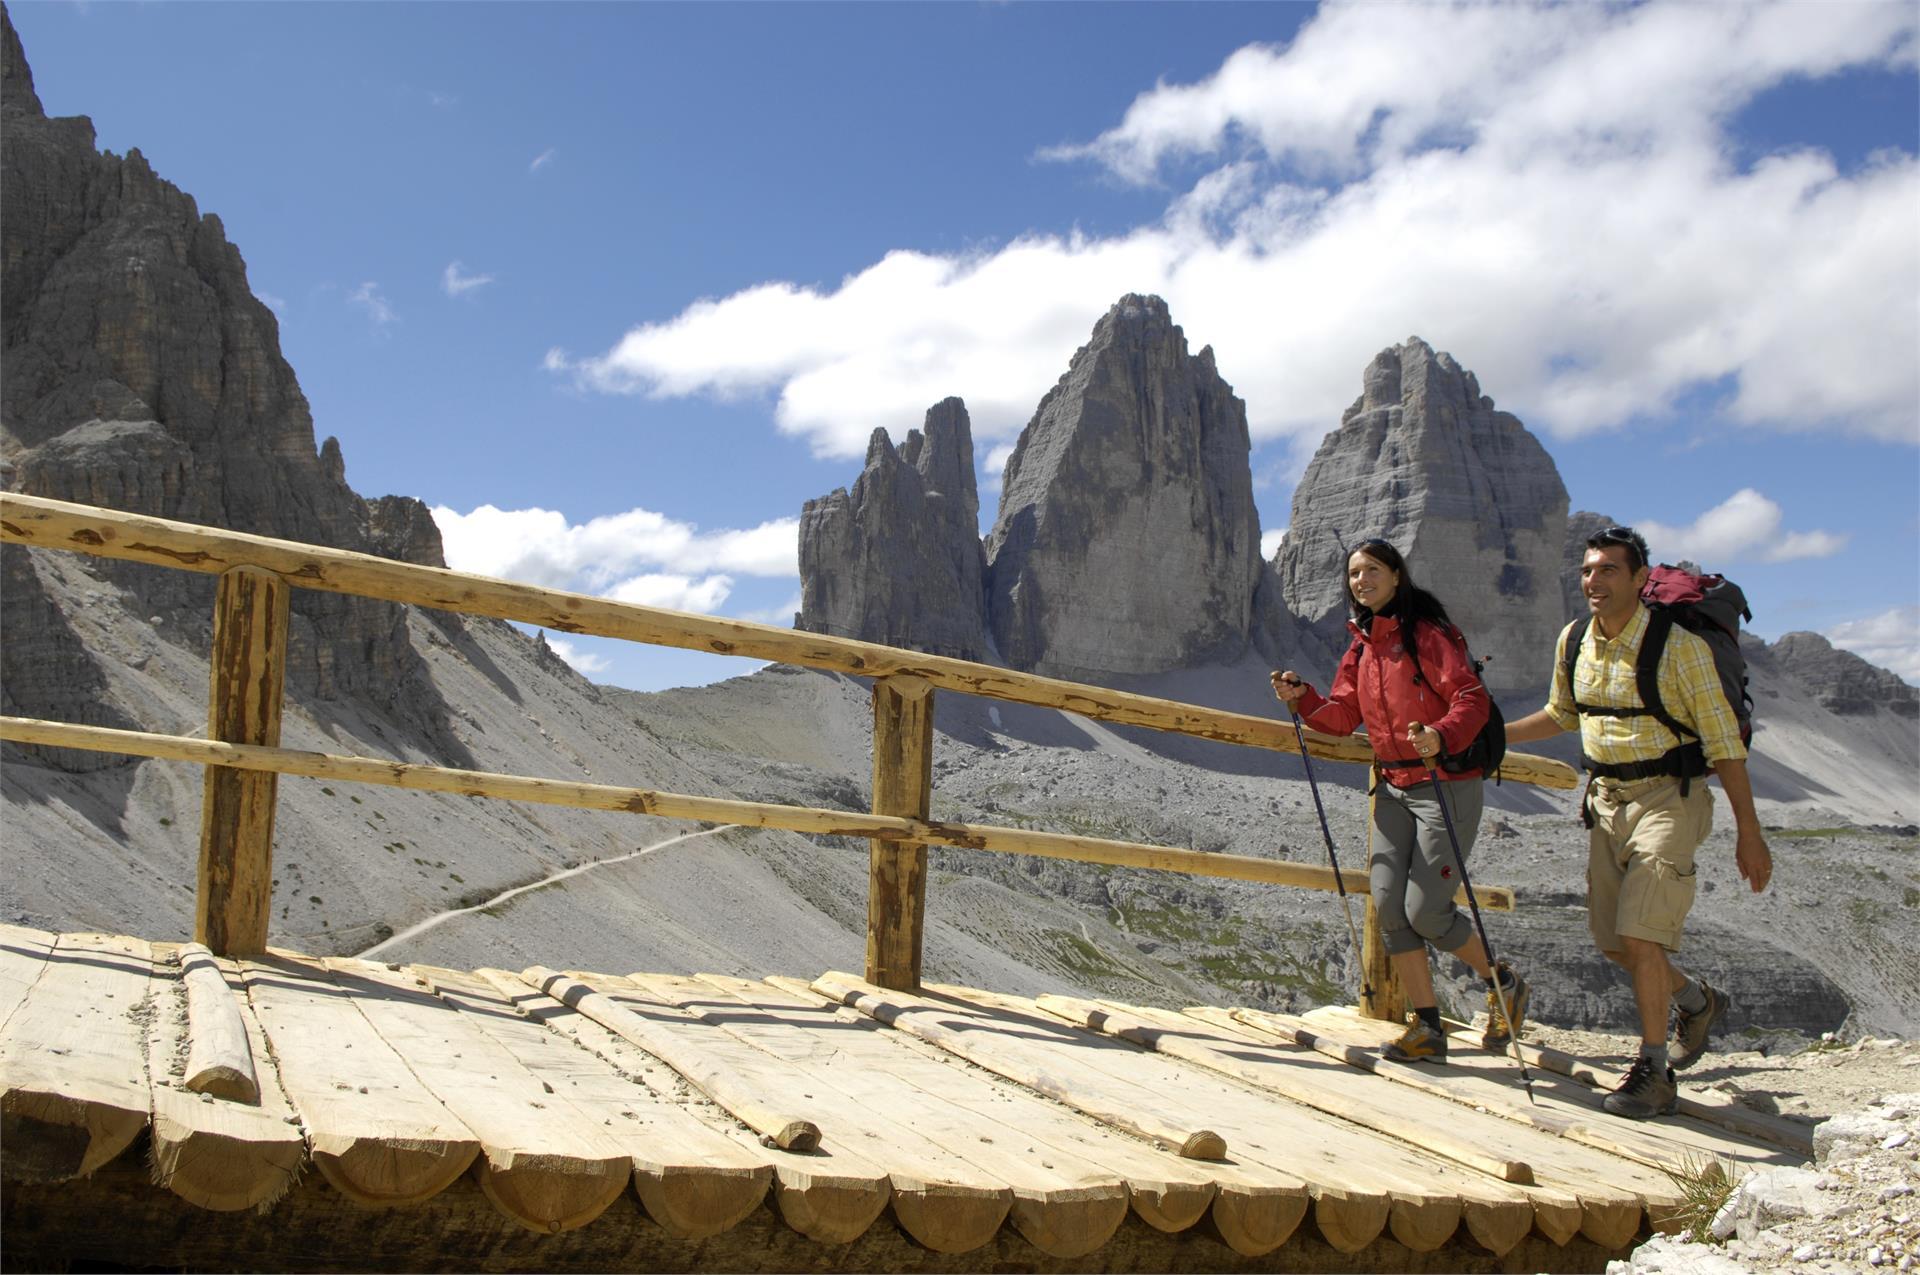 Hike Three Peaks Alta Pusteria